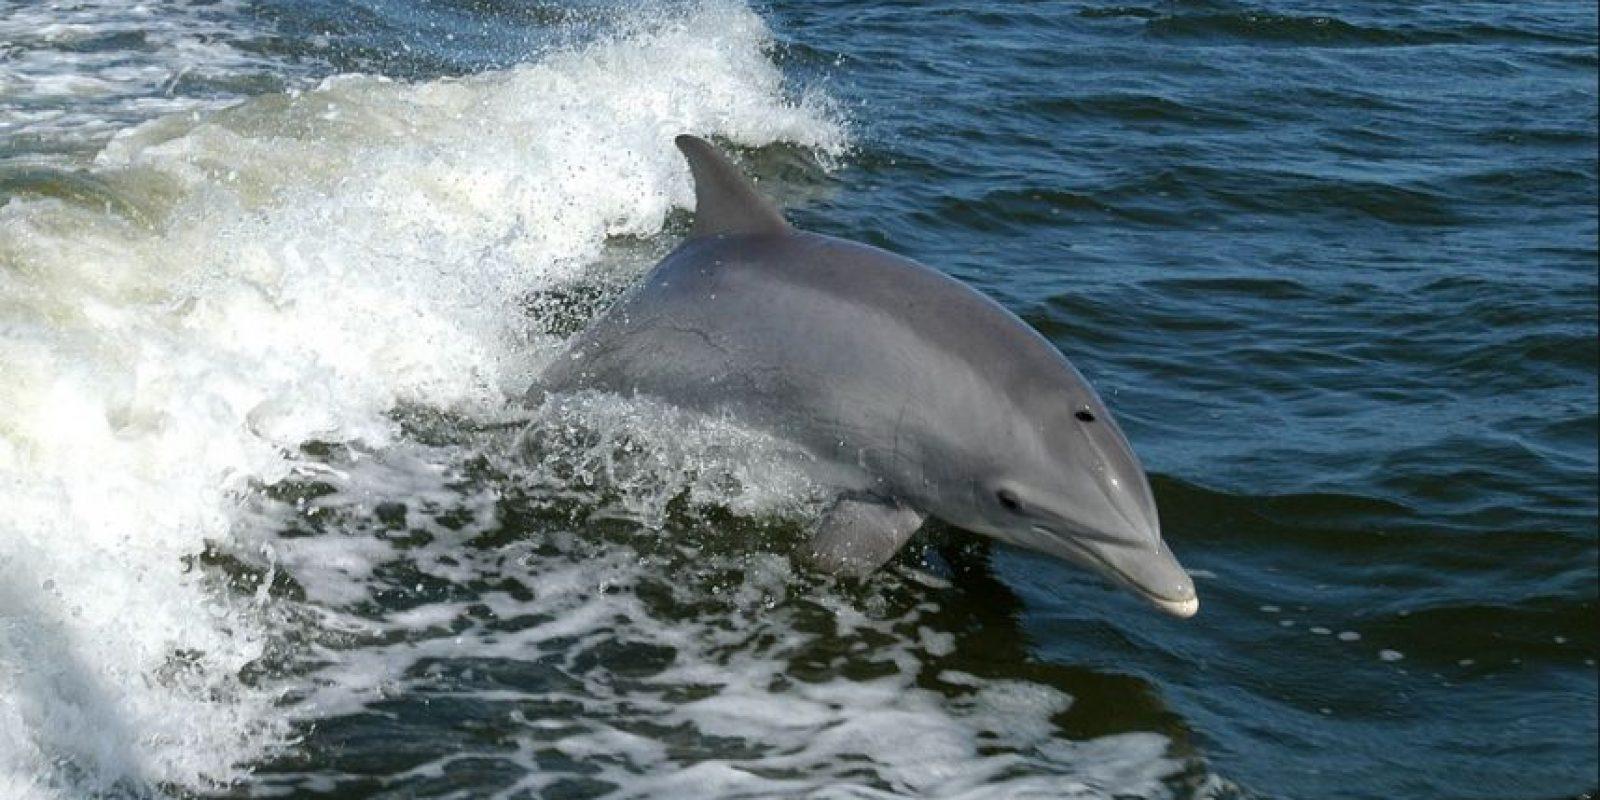 Cada año, en las zonas costeras de las islas Feroe en Dinamarca se lleva a cabo la matanza de miles de delfines debido a la celebración de adolescentes que llegan a la edad adulta. Esta es una tradición que tiene más de mil 200 años. Cabe señalar que ada año se matan de esta manera entre mil y dos mil quinientos delfines. Foto:Wikimedia